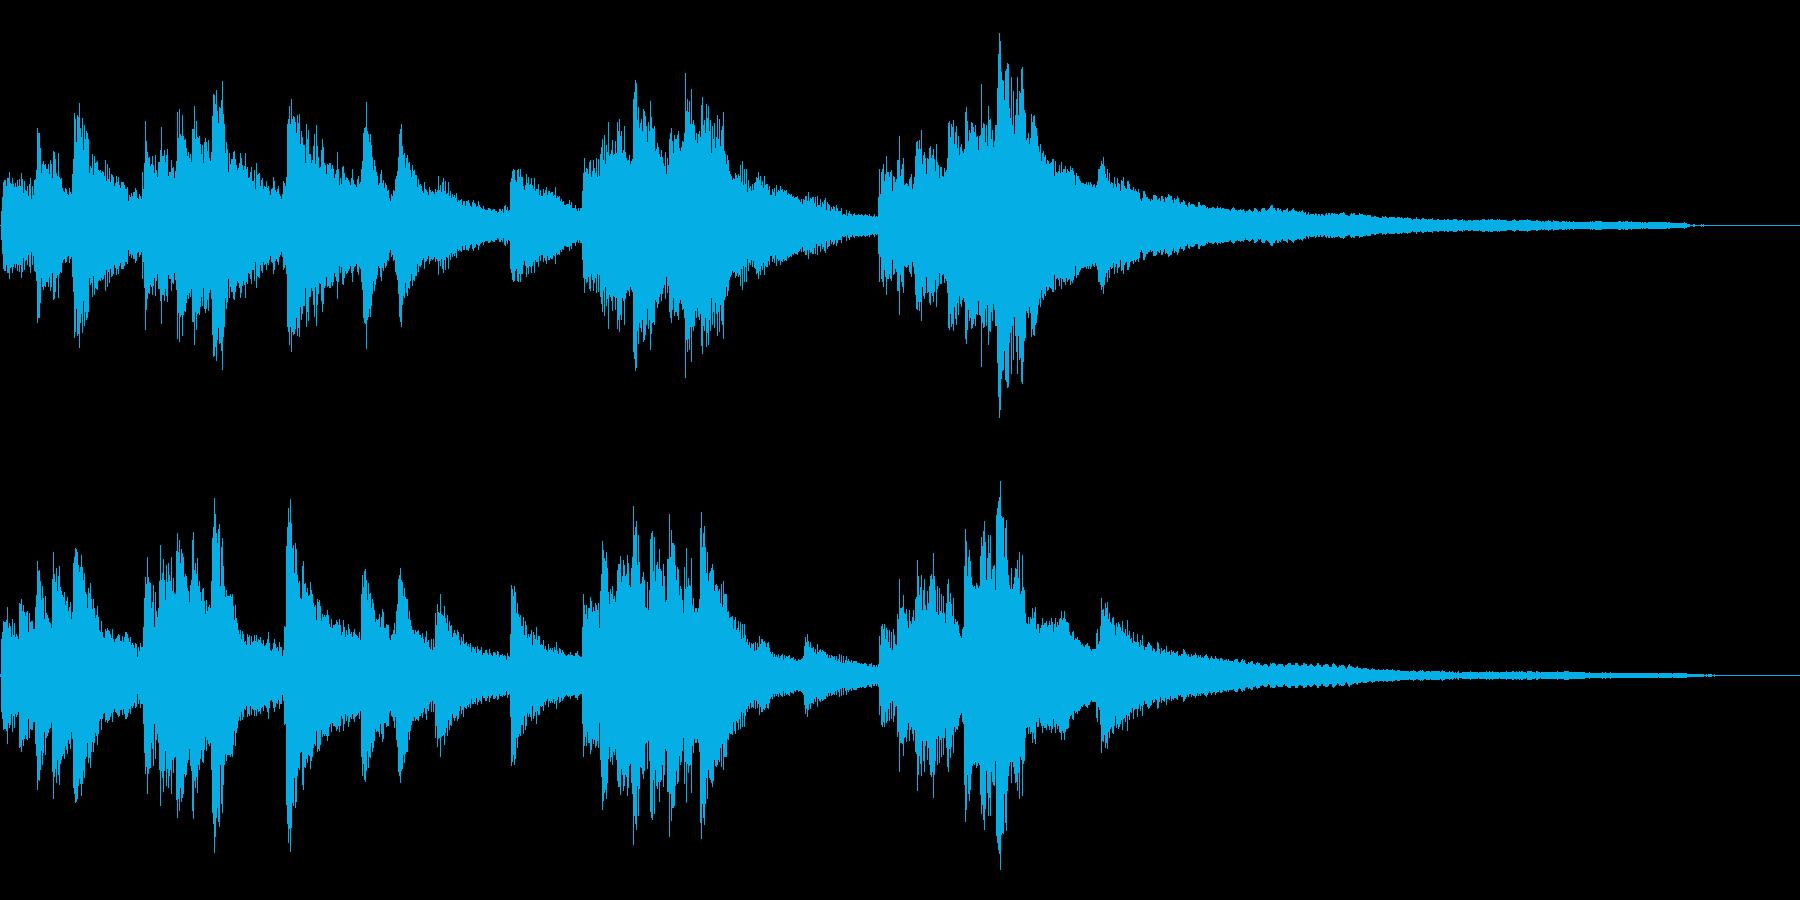 和風のジングル9-ピアノソロの再生済みの波形